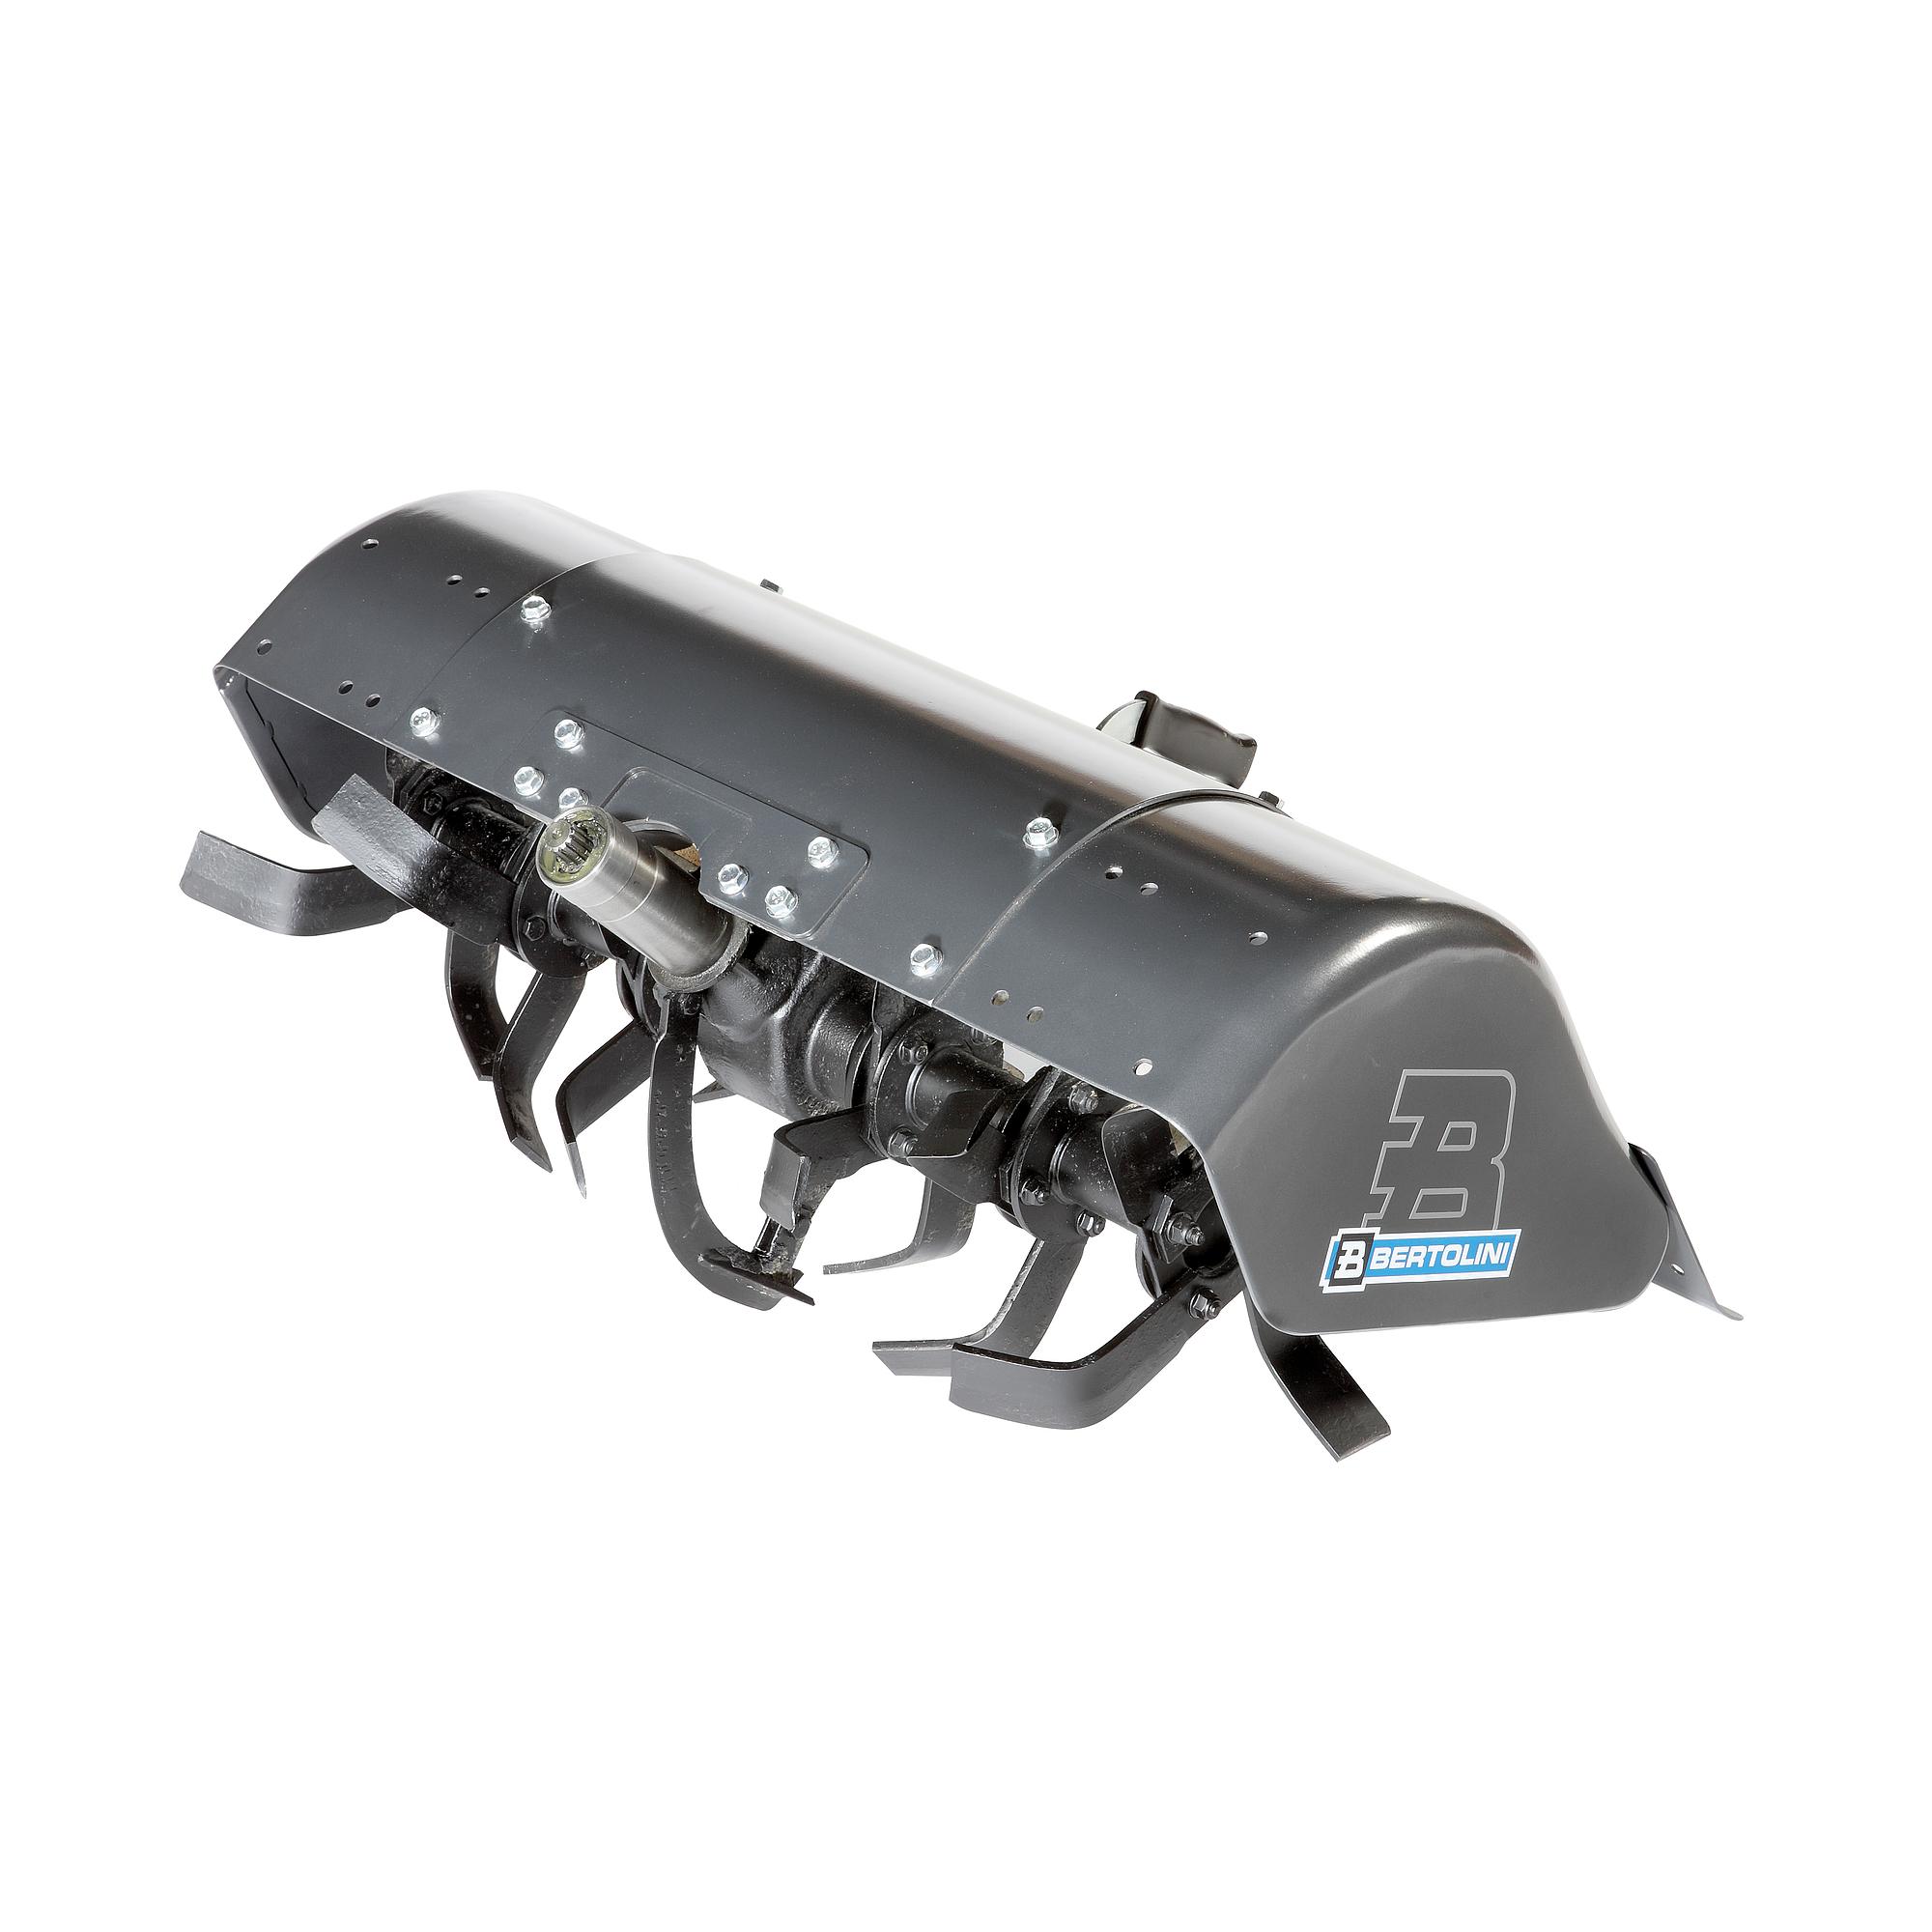 Bertolini Rotor 70 cm, 20 késes, Quickfit gyorscsatlakozóval motoros kultivátorhoz 69219060